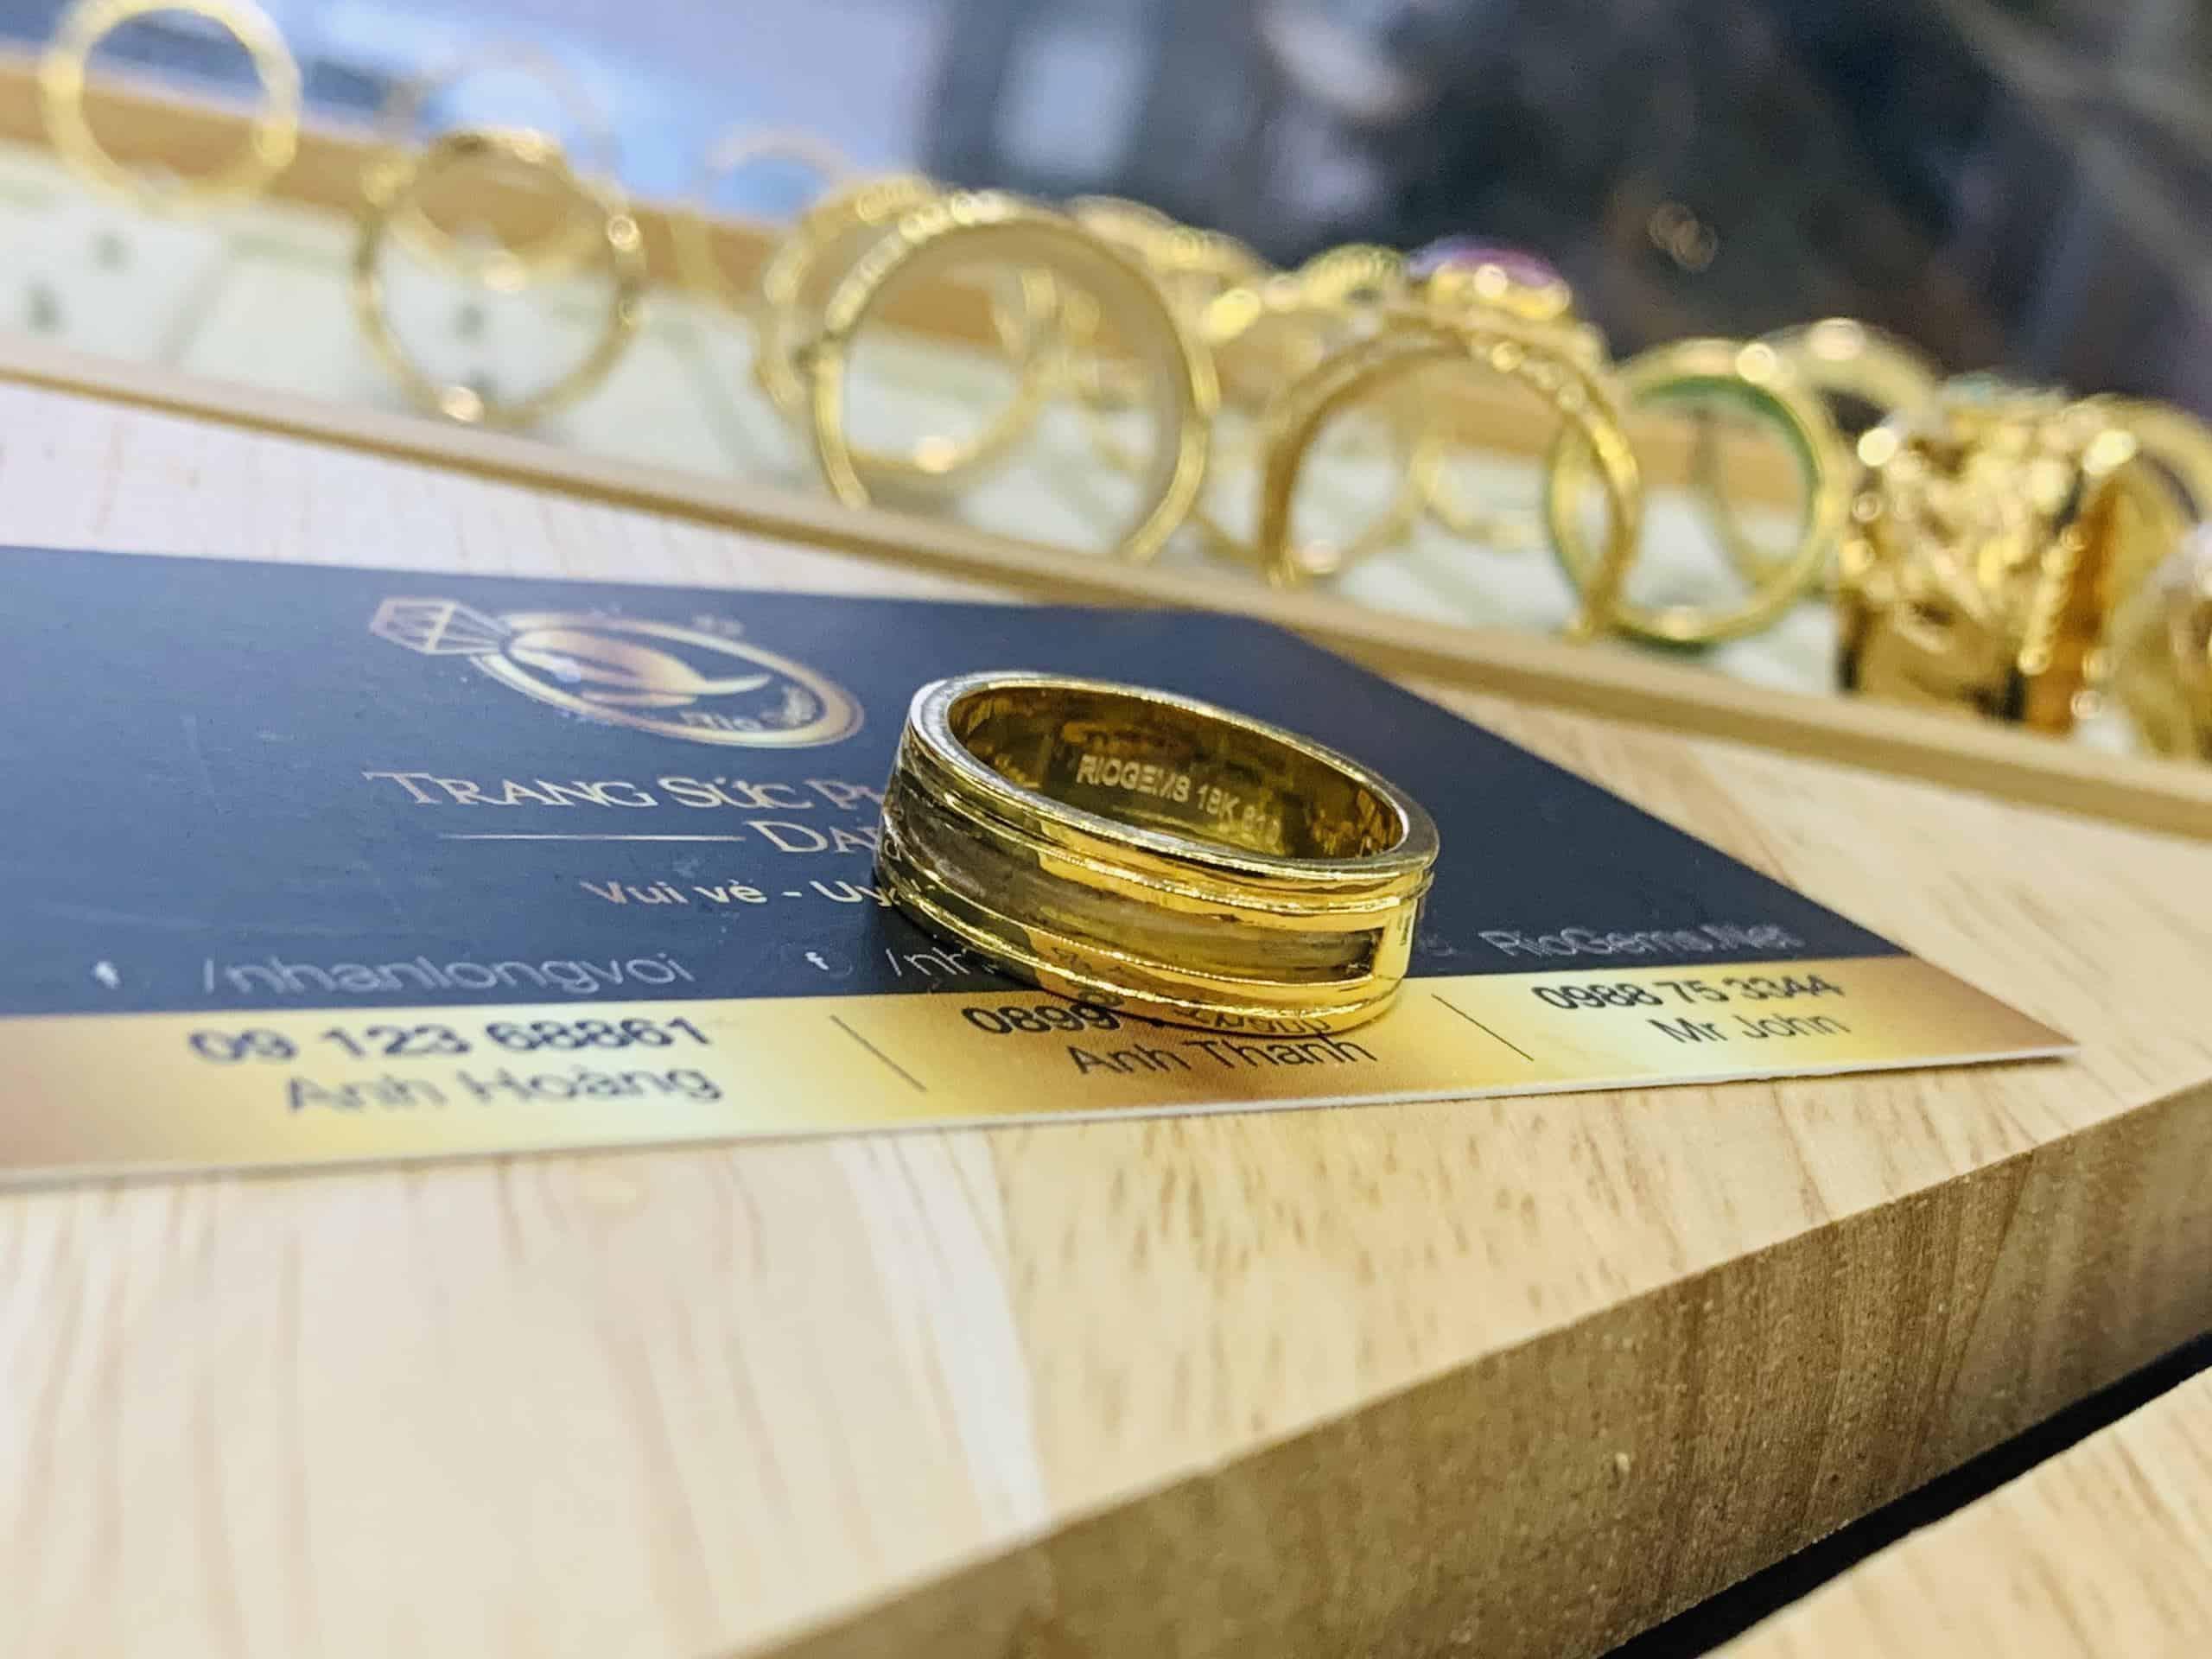 Nhẫn vàng 18K Riogems